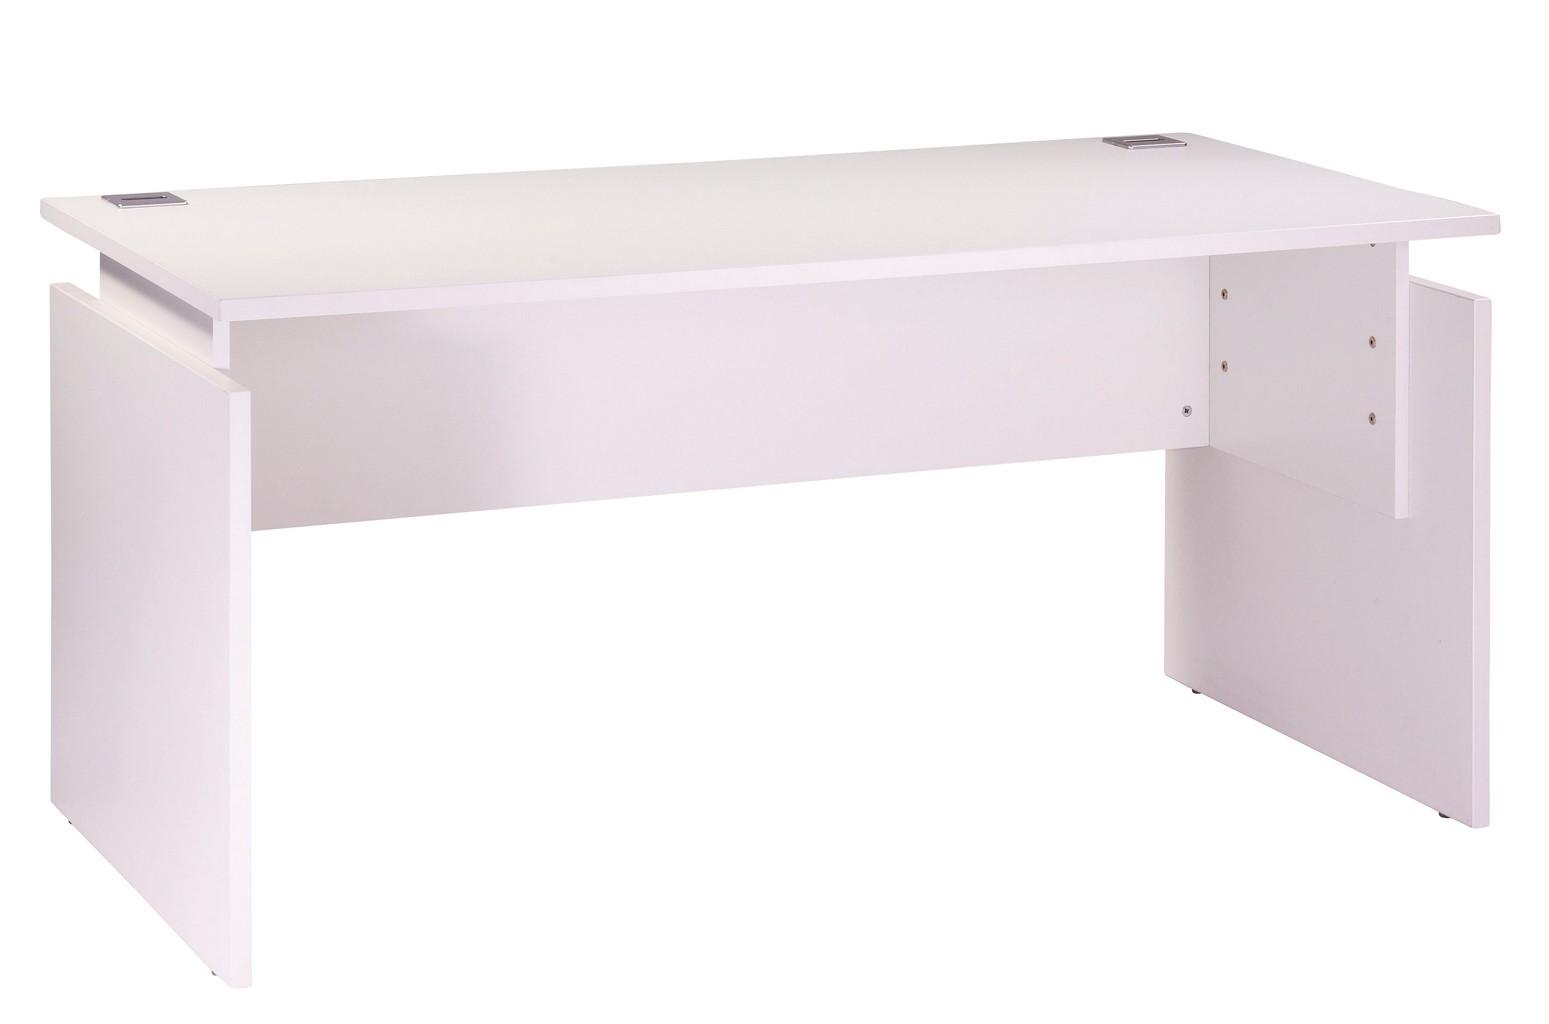 bureau 160 x 80 cm blanc reglable en hauteur ineo beaux meubles pas chers